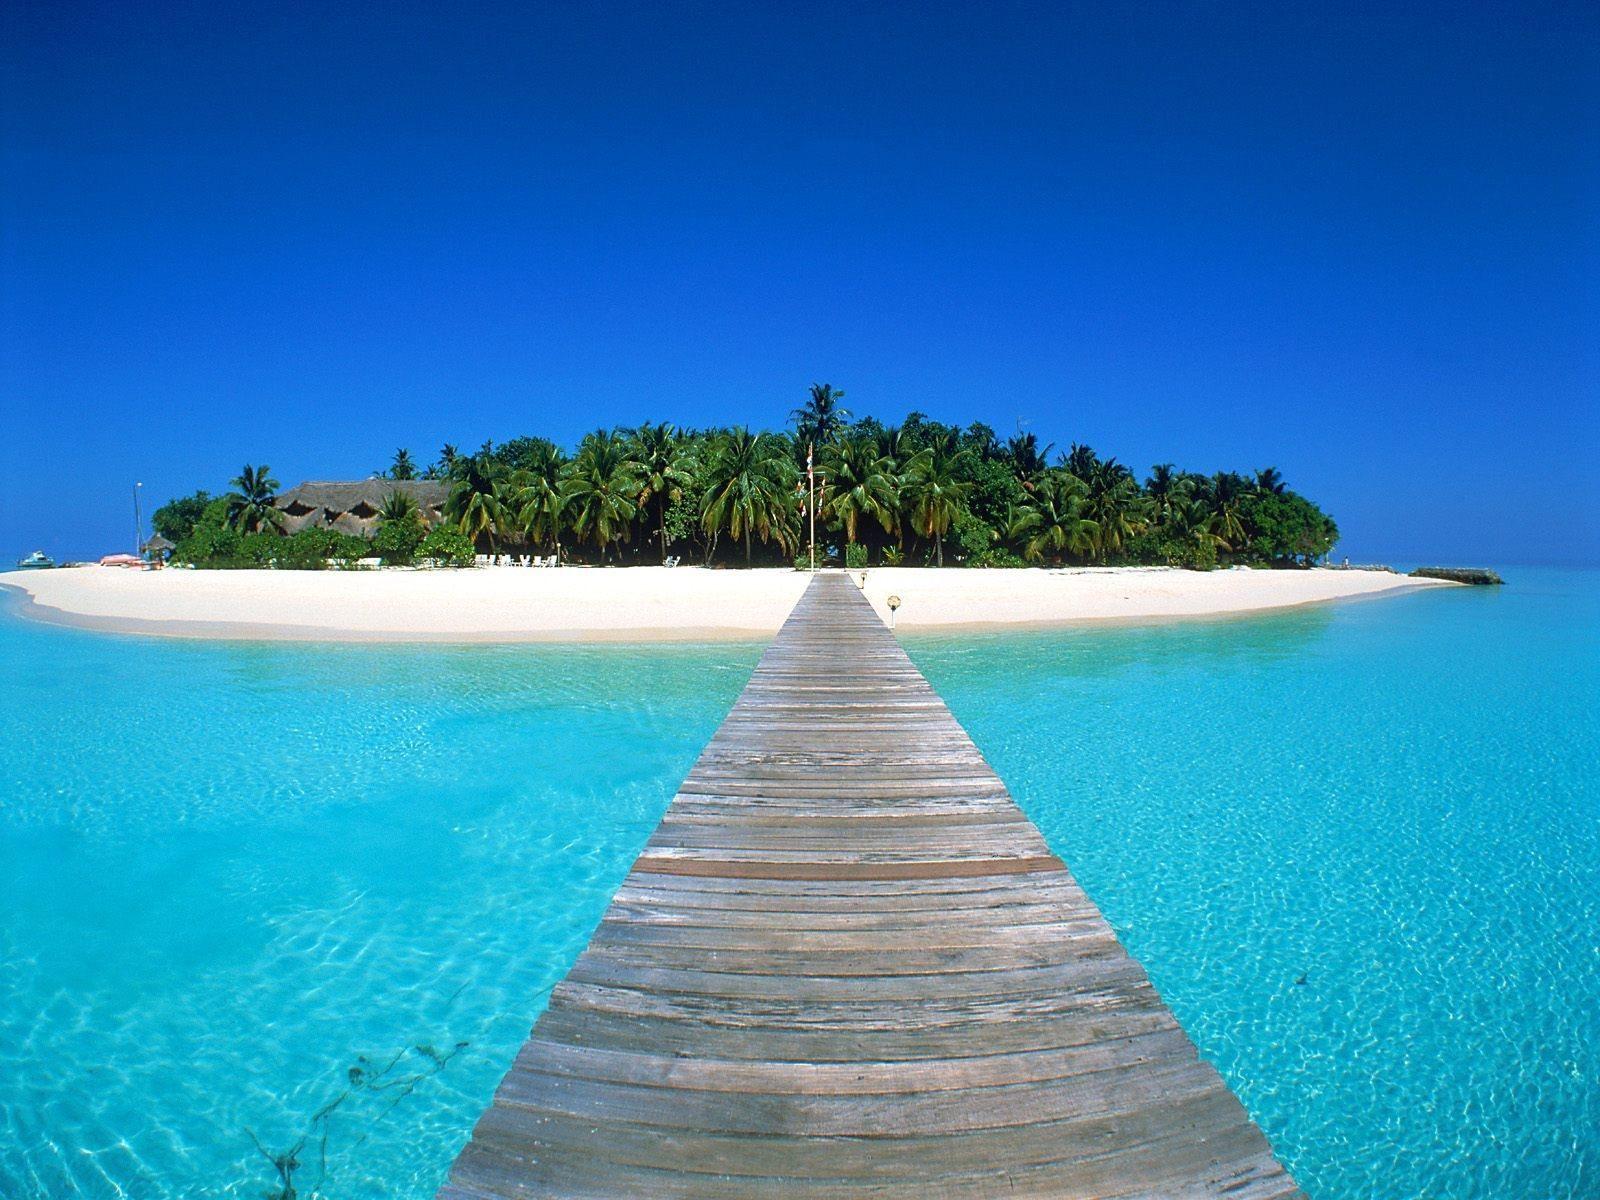 Sunny Beach HD desktop wallpaper High Definition Fullscreen